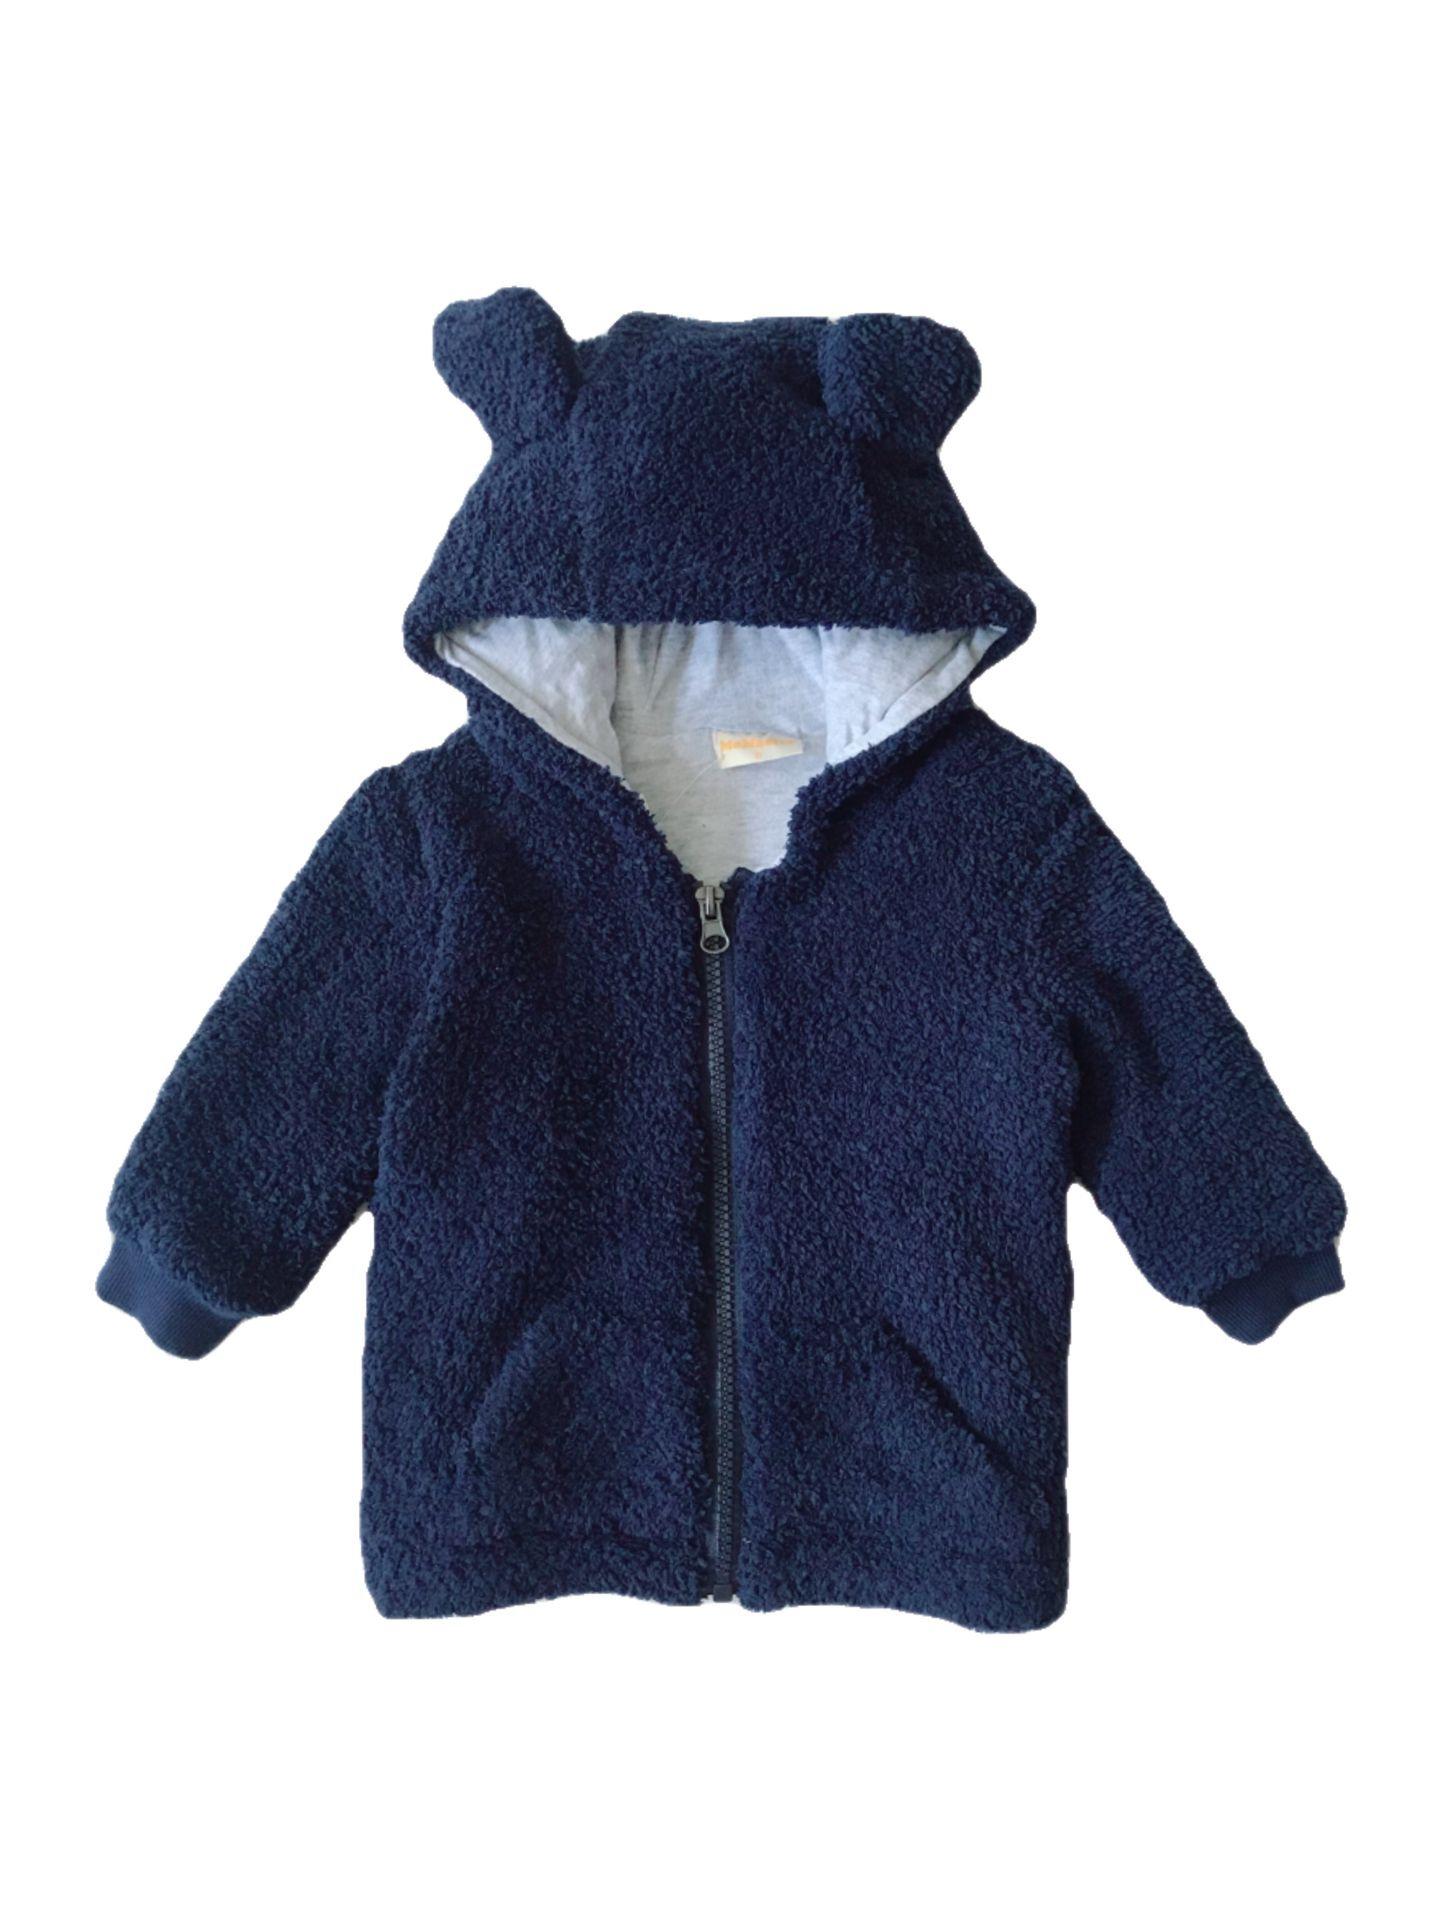 BABY BEAR FLEECE JACKET